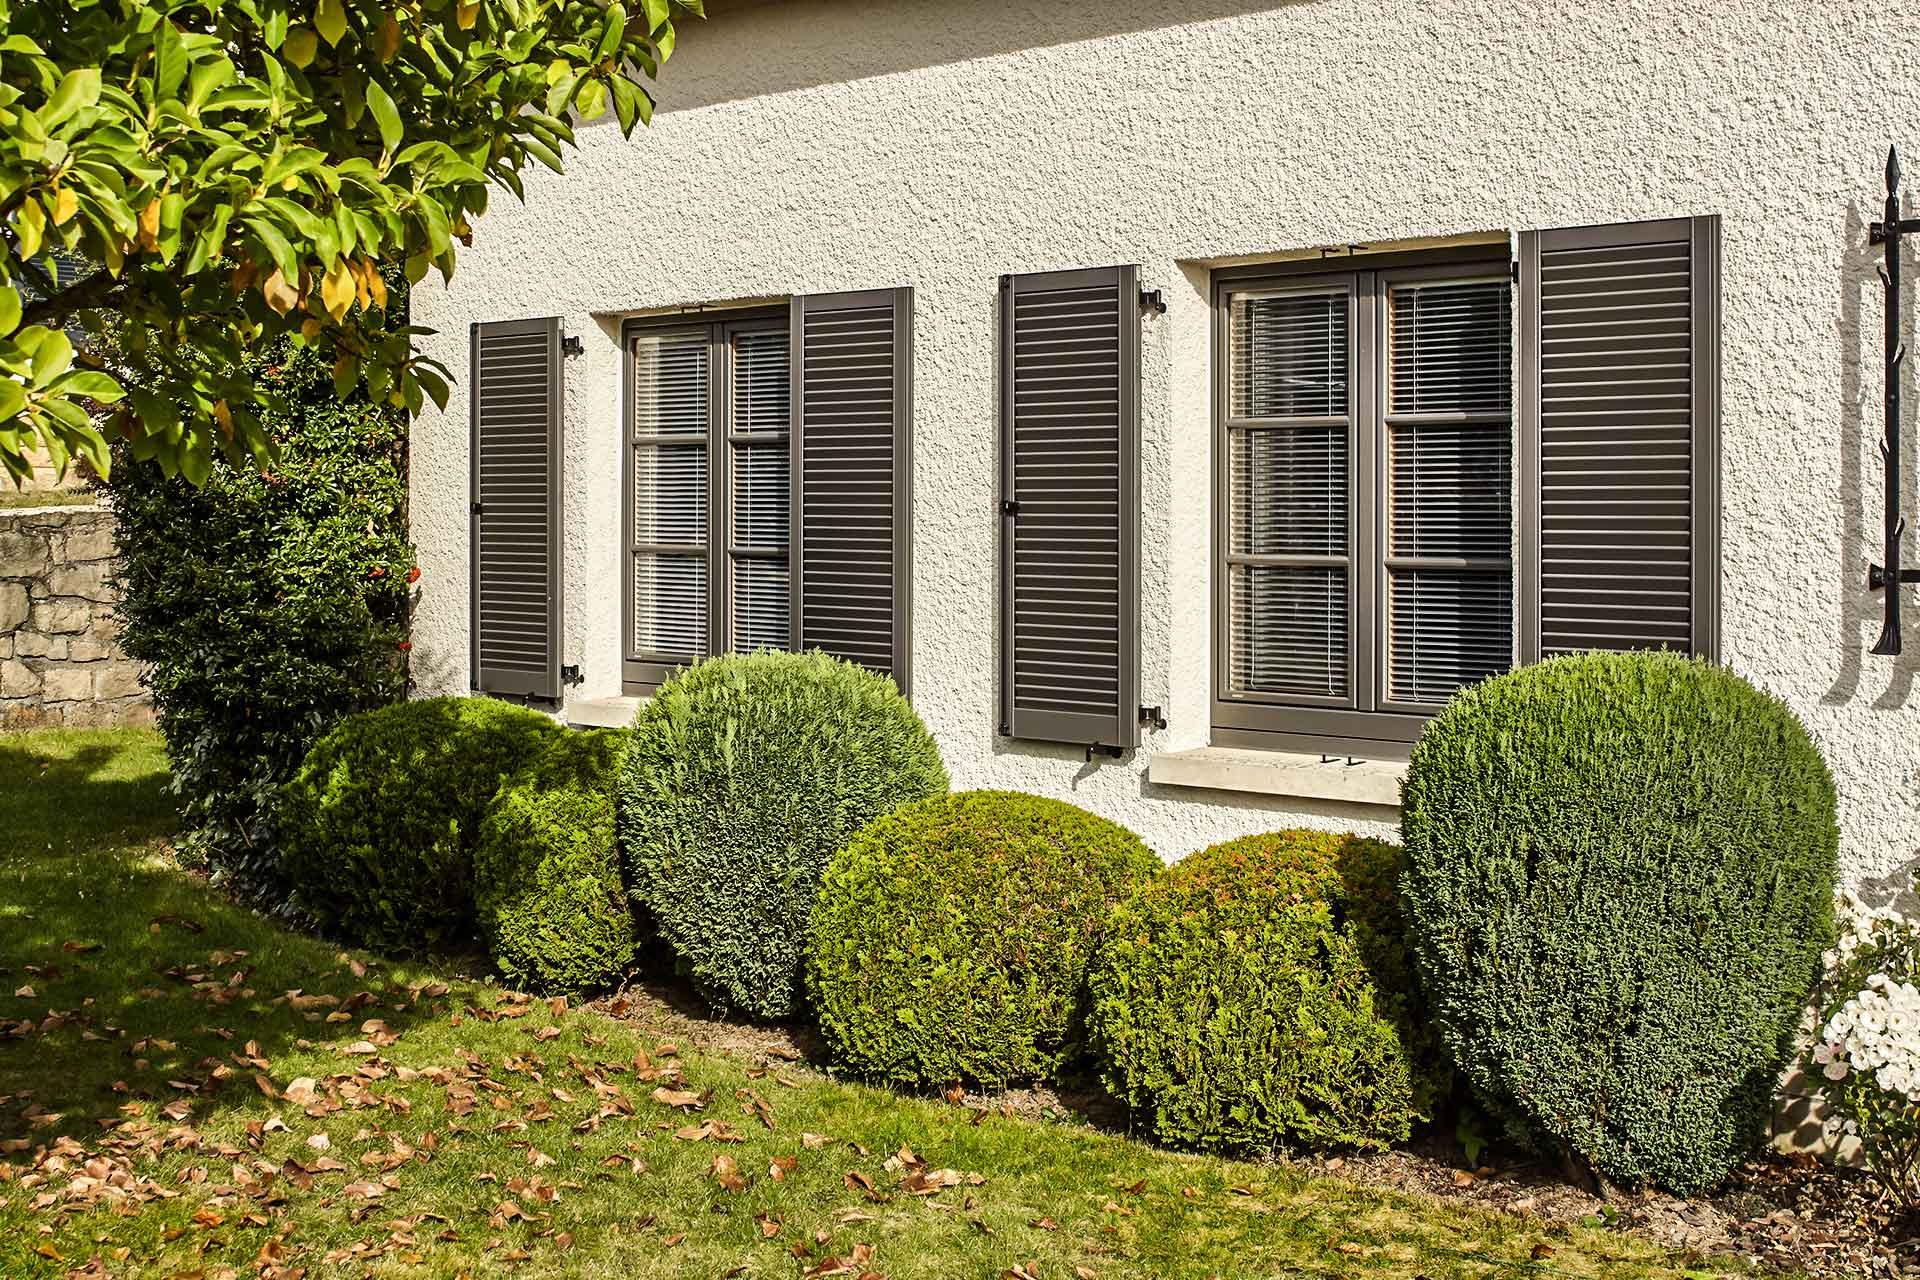 Nahaufnahme der linken Vorderseite des weißen Einfamilienhauses mit Blick auf braune Coplaning Holz- Alu Fenster mit Sprossen und Klappläden.